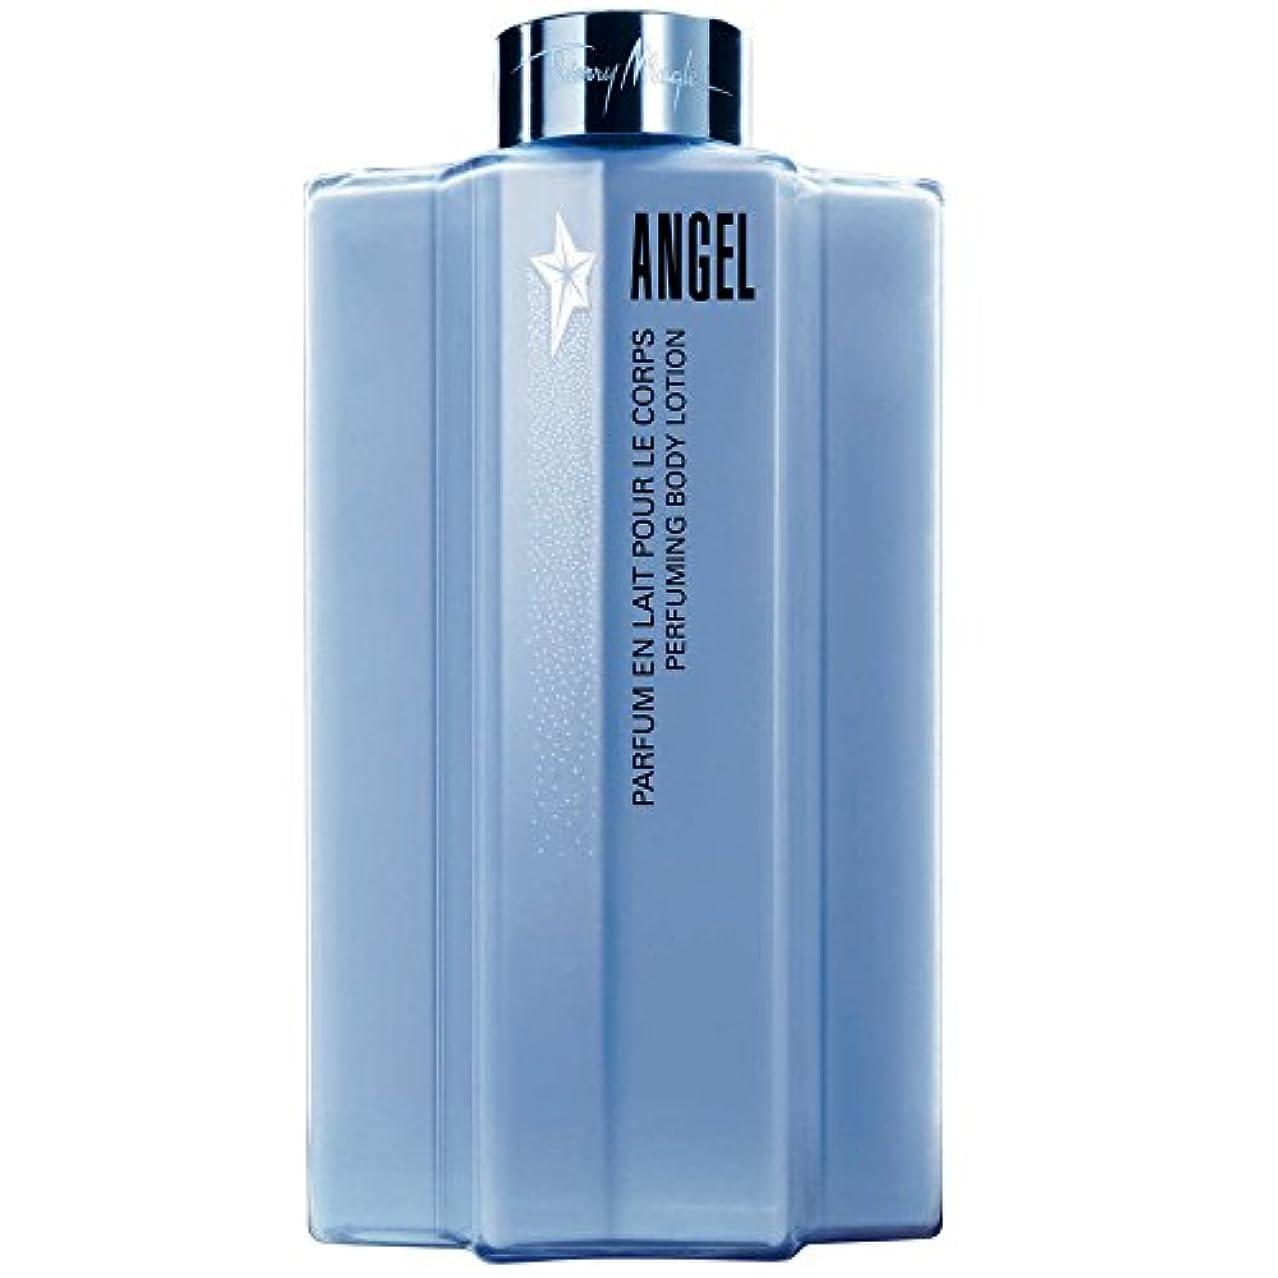 翻訳涙が出るローストティエリー?ミュグレー天使のボディローション (Thierry Mugler) (x2) - Thierry Mugler Angel Body Lotion (Pack of 2) [並行輸入品]